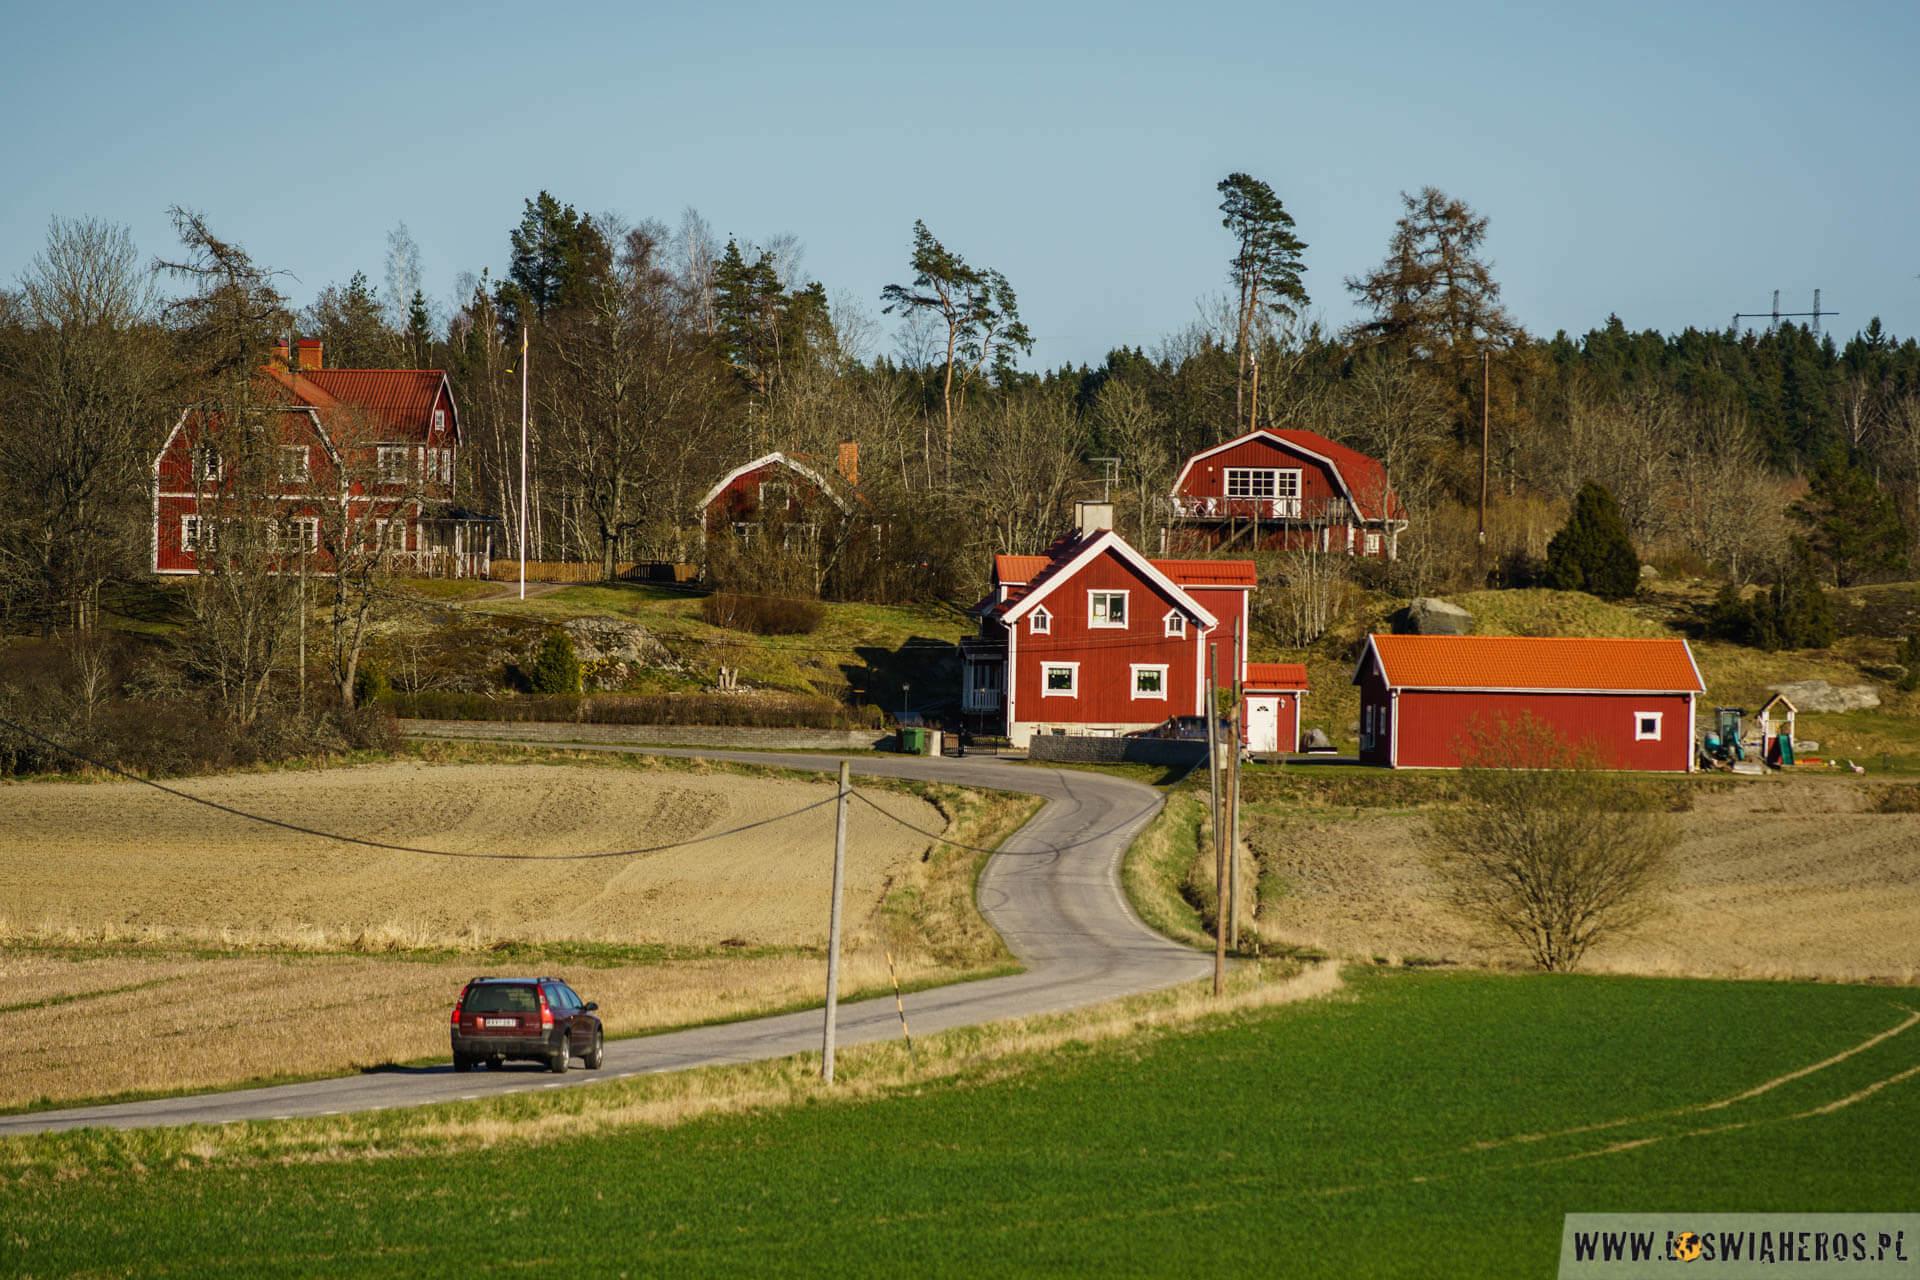 Klasyczny widoczek na szwedzkiej wsi - pagórek, kręta droga i czerwono białe domki.